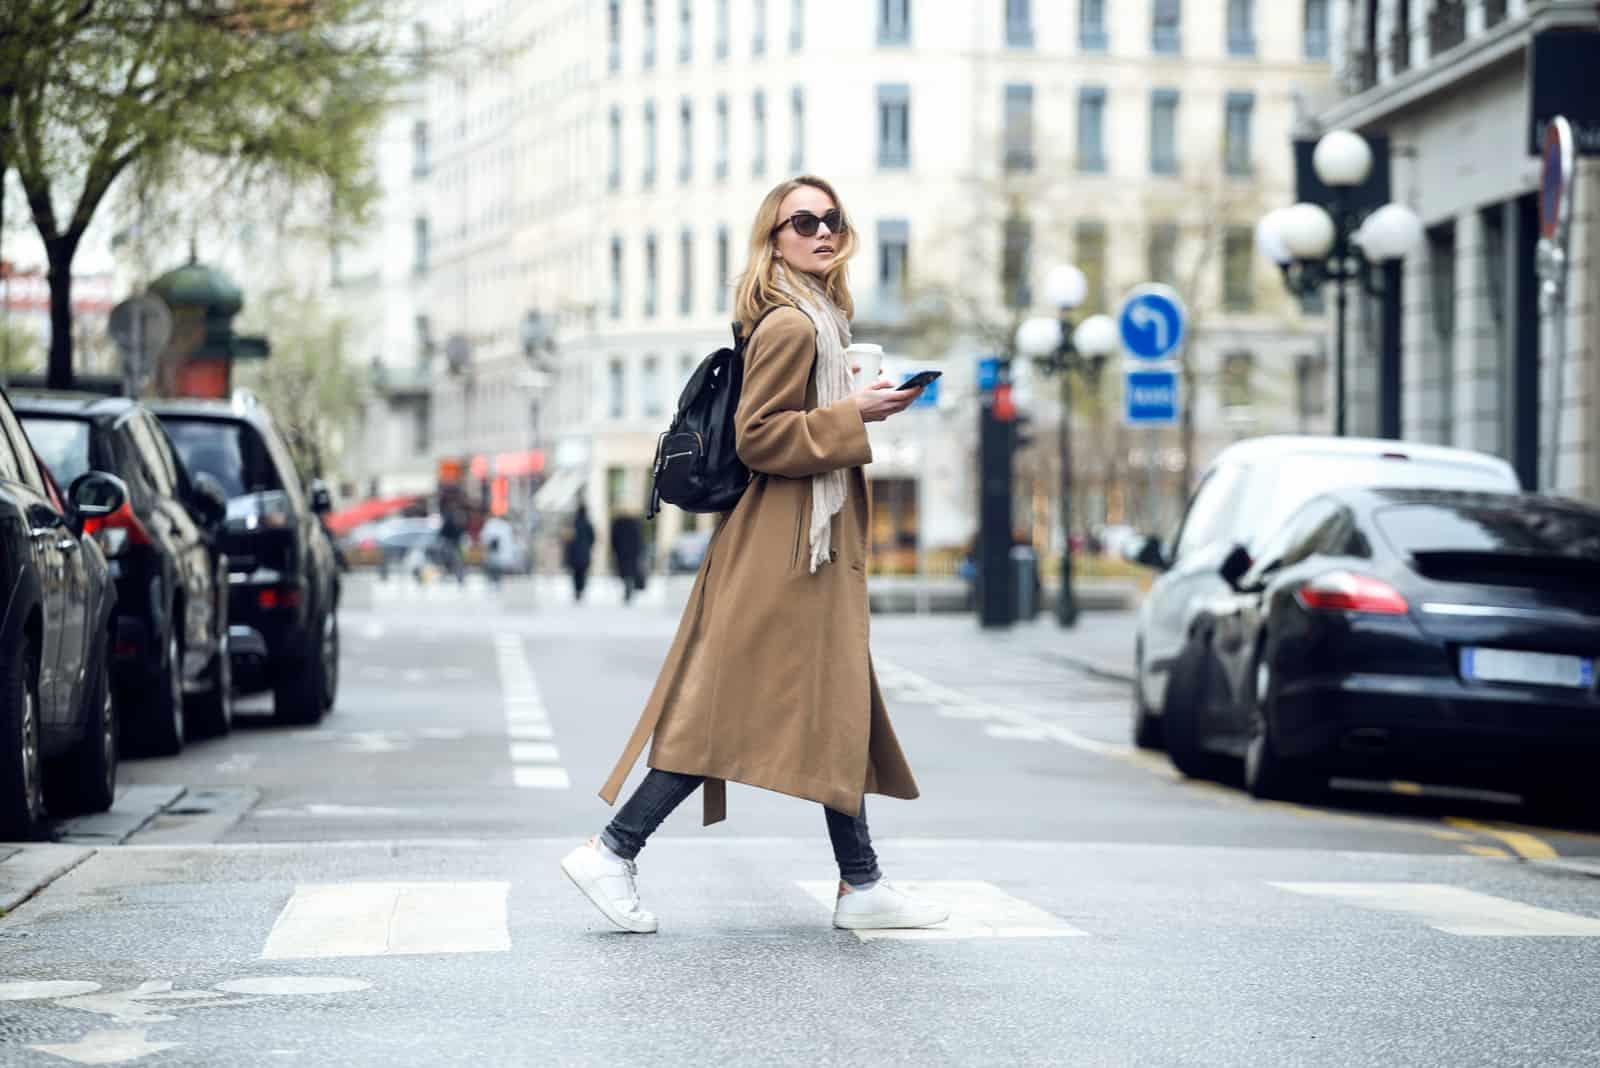 une femme aux cheveux blonds marche dans la rue